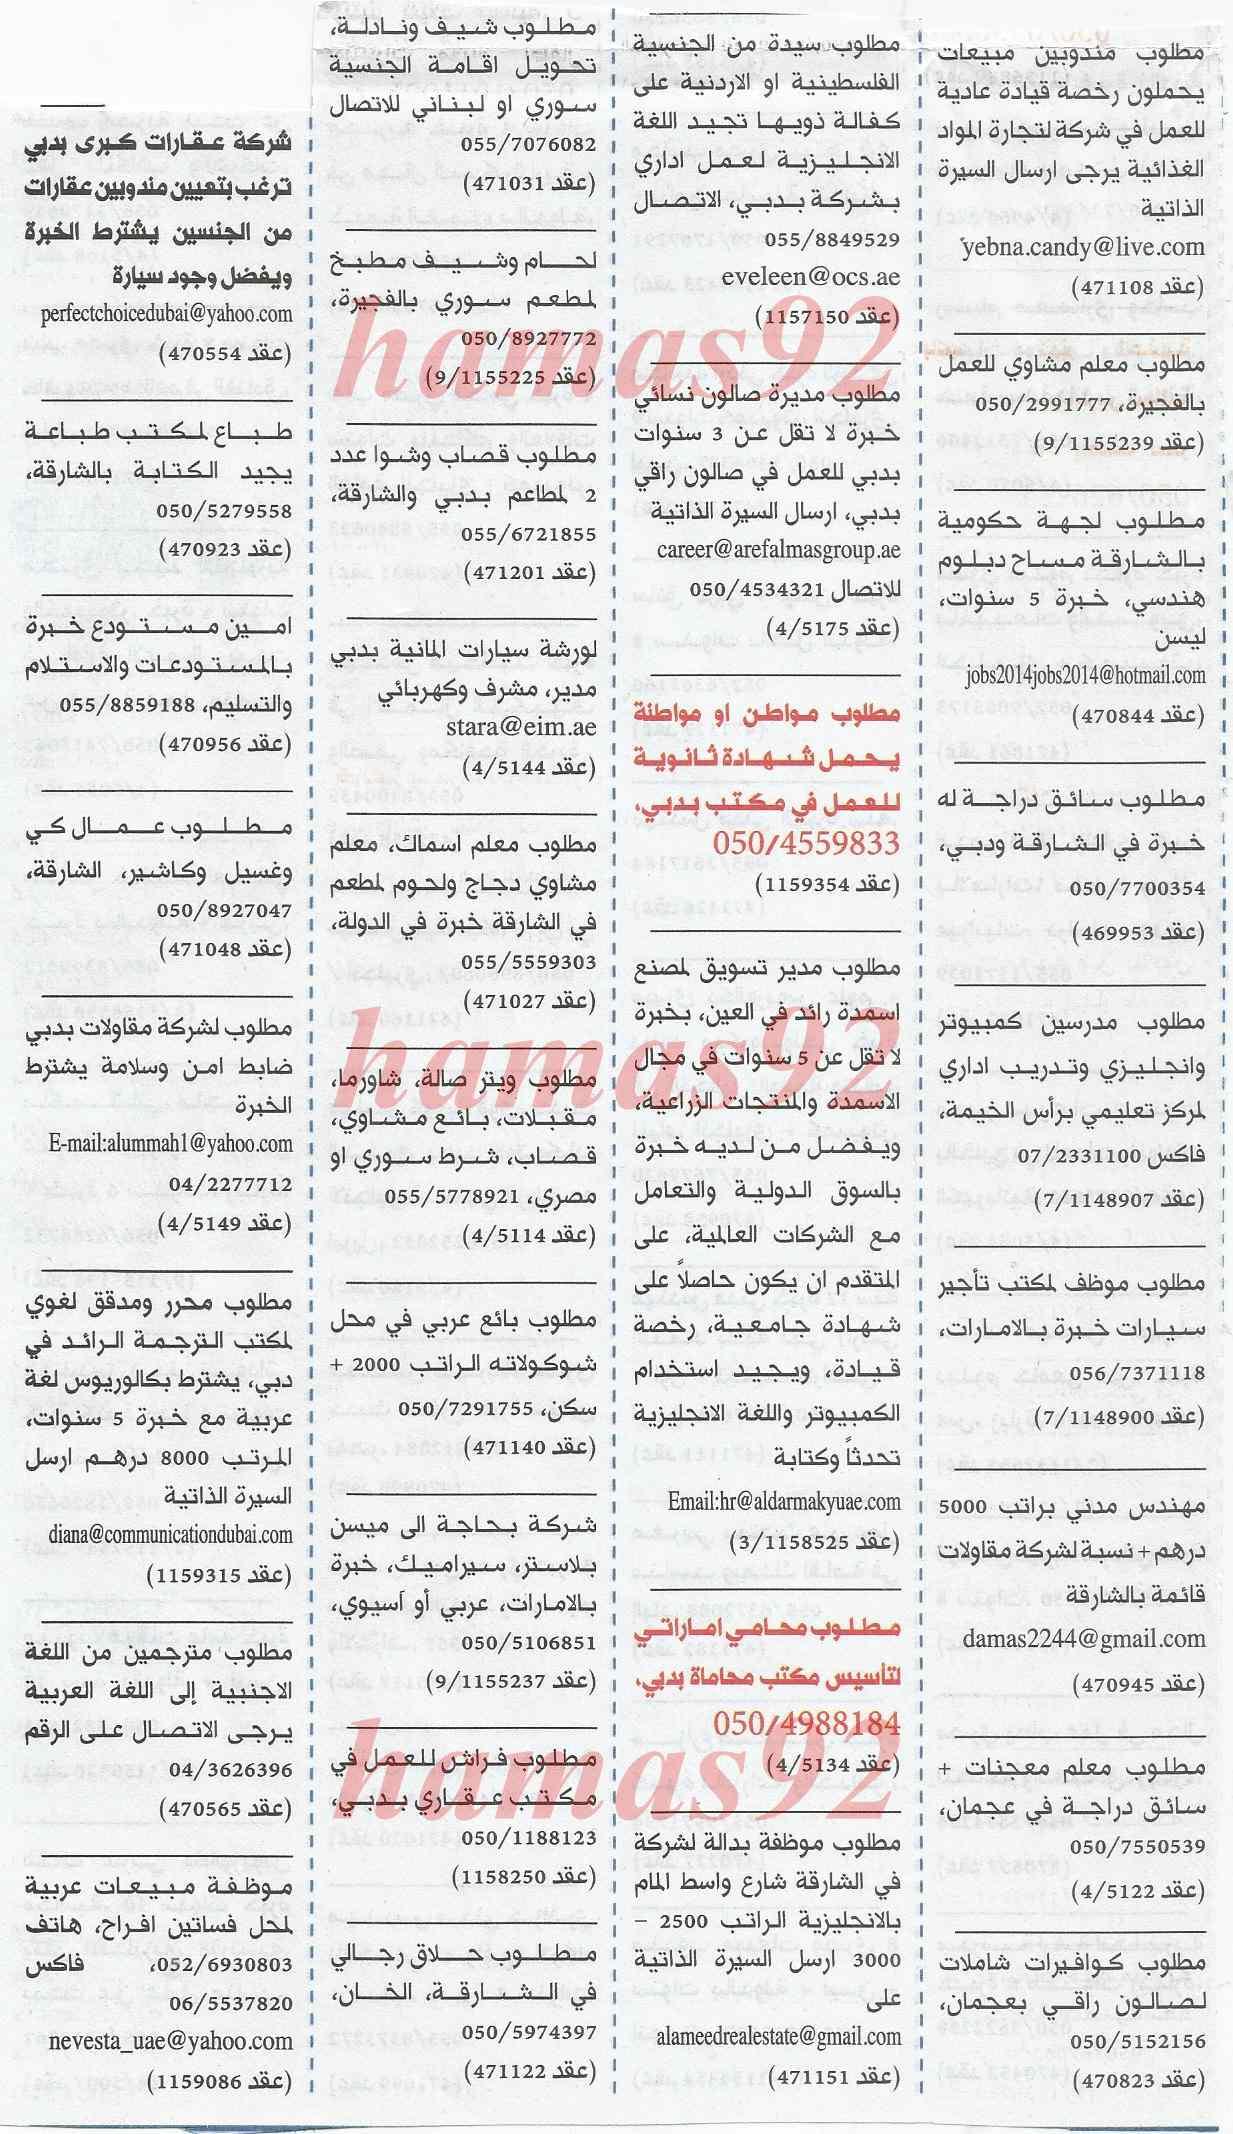 وظائف جريدة خليج الامارات اليوم الخميس 18/4/2014 , مطلوب للعمل وظيفة طبيب بيطرى